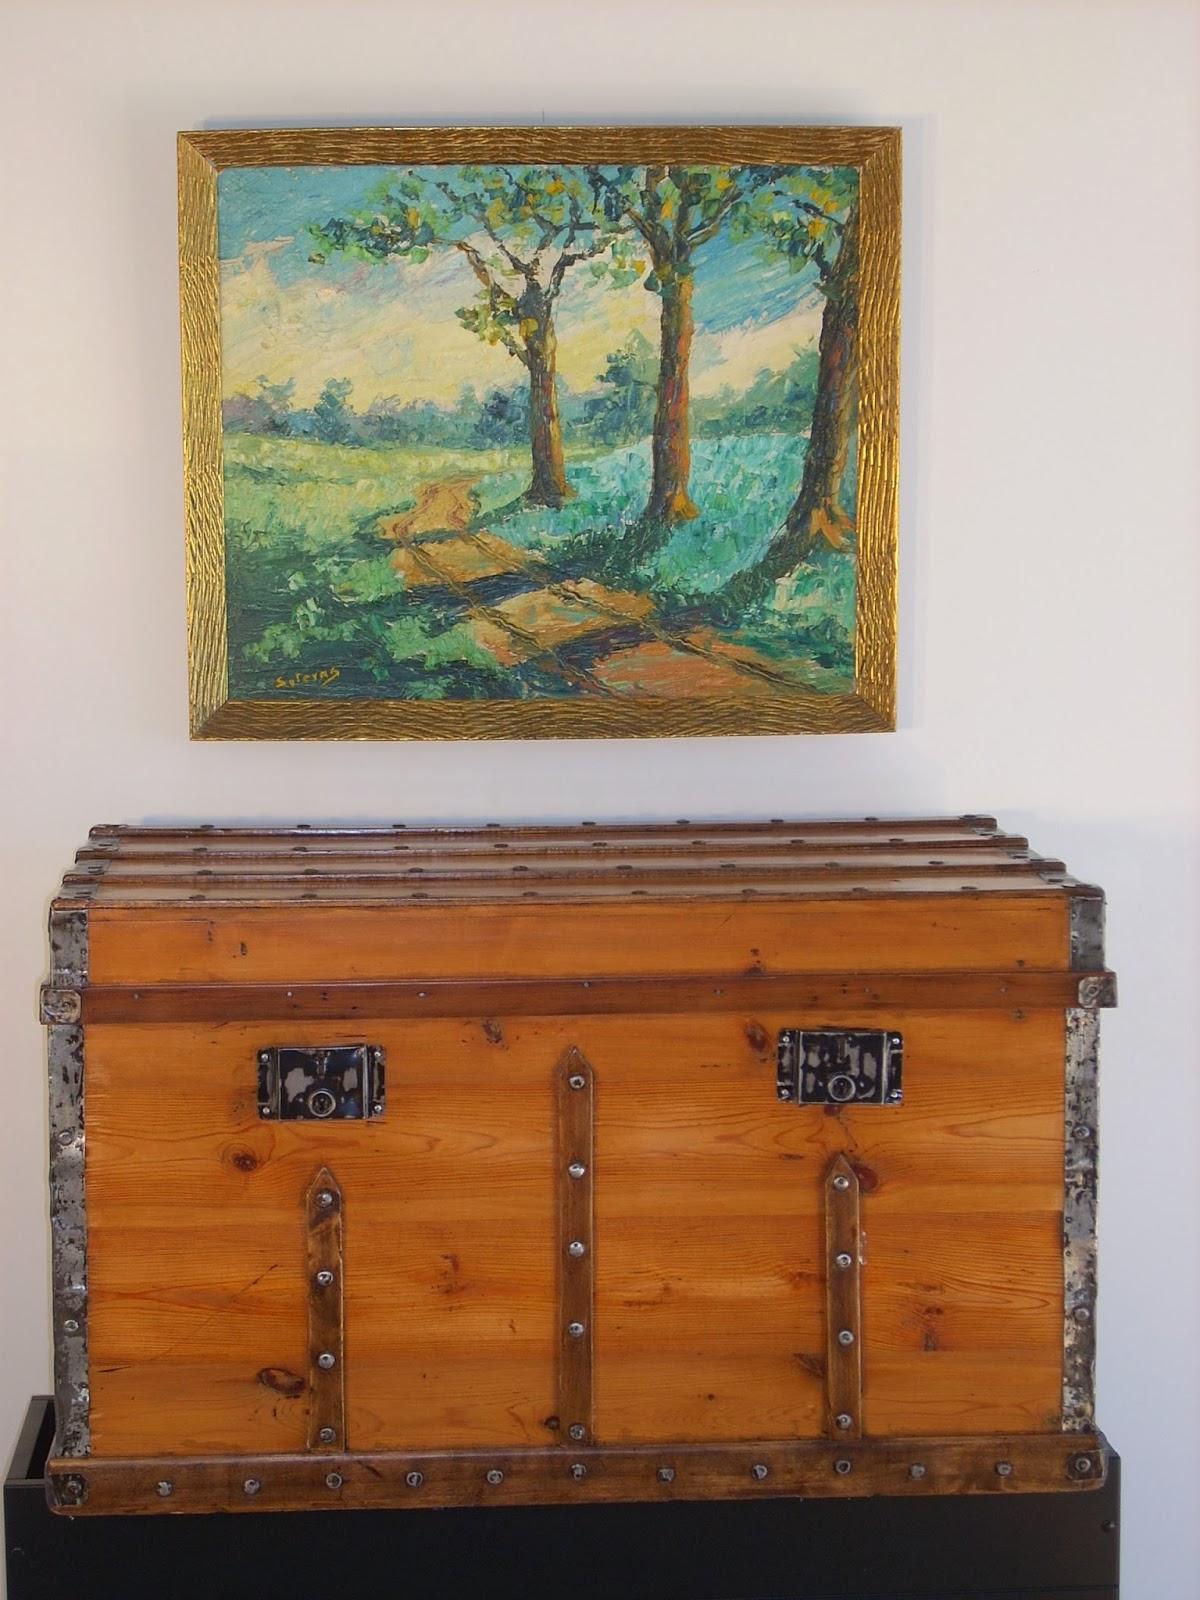 Venta de muebles antiguos restaurados naturmoble arc n - Muebles antiguos restaurados ...